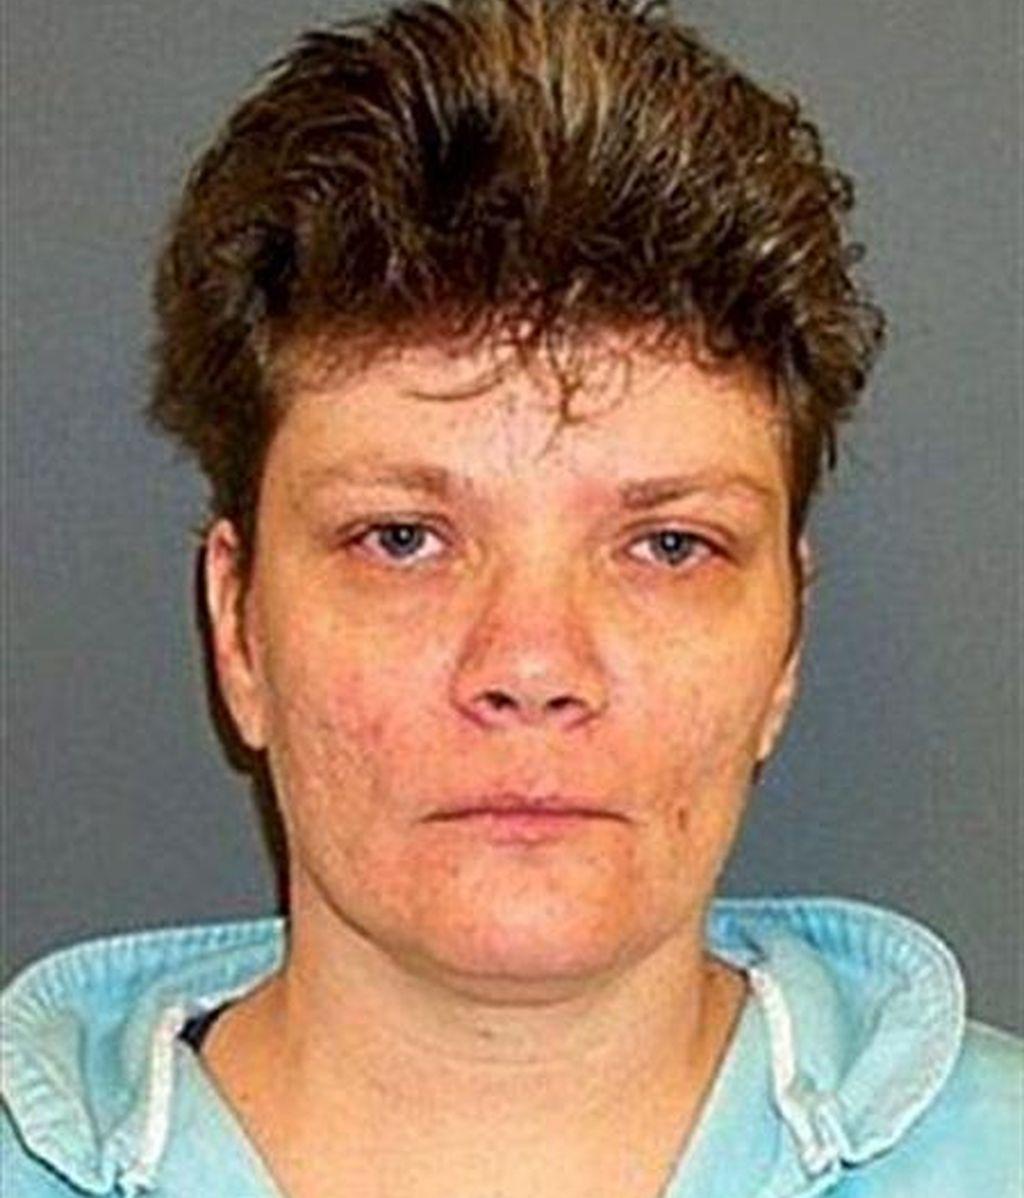 Imagen sin fechar de la condenada a muerte Teresa Lewis facilitada por el Departamento Correccional de Virginia. Lewis fue sentenciada y condenada en 2002 por planear asesinar a su marido y a su hijastro para cobrar un seguro de vida de 350.000 dólares. EFE/Archivo